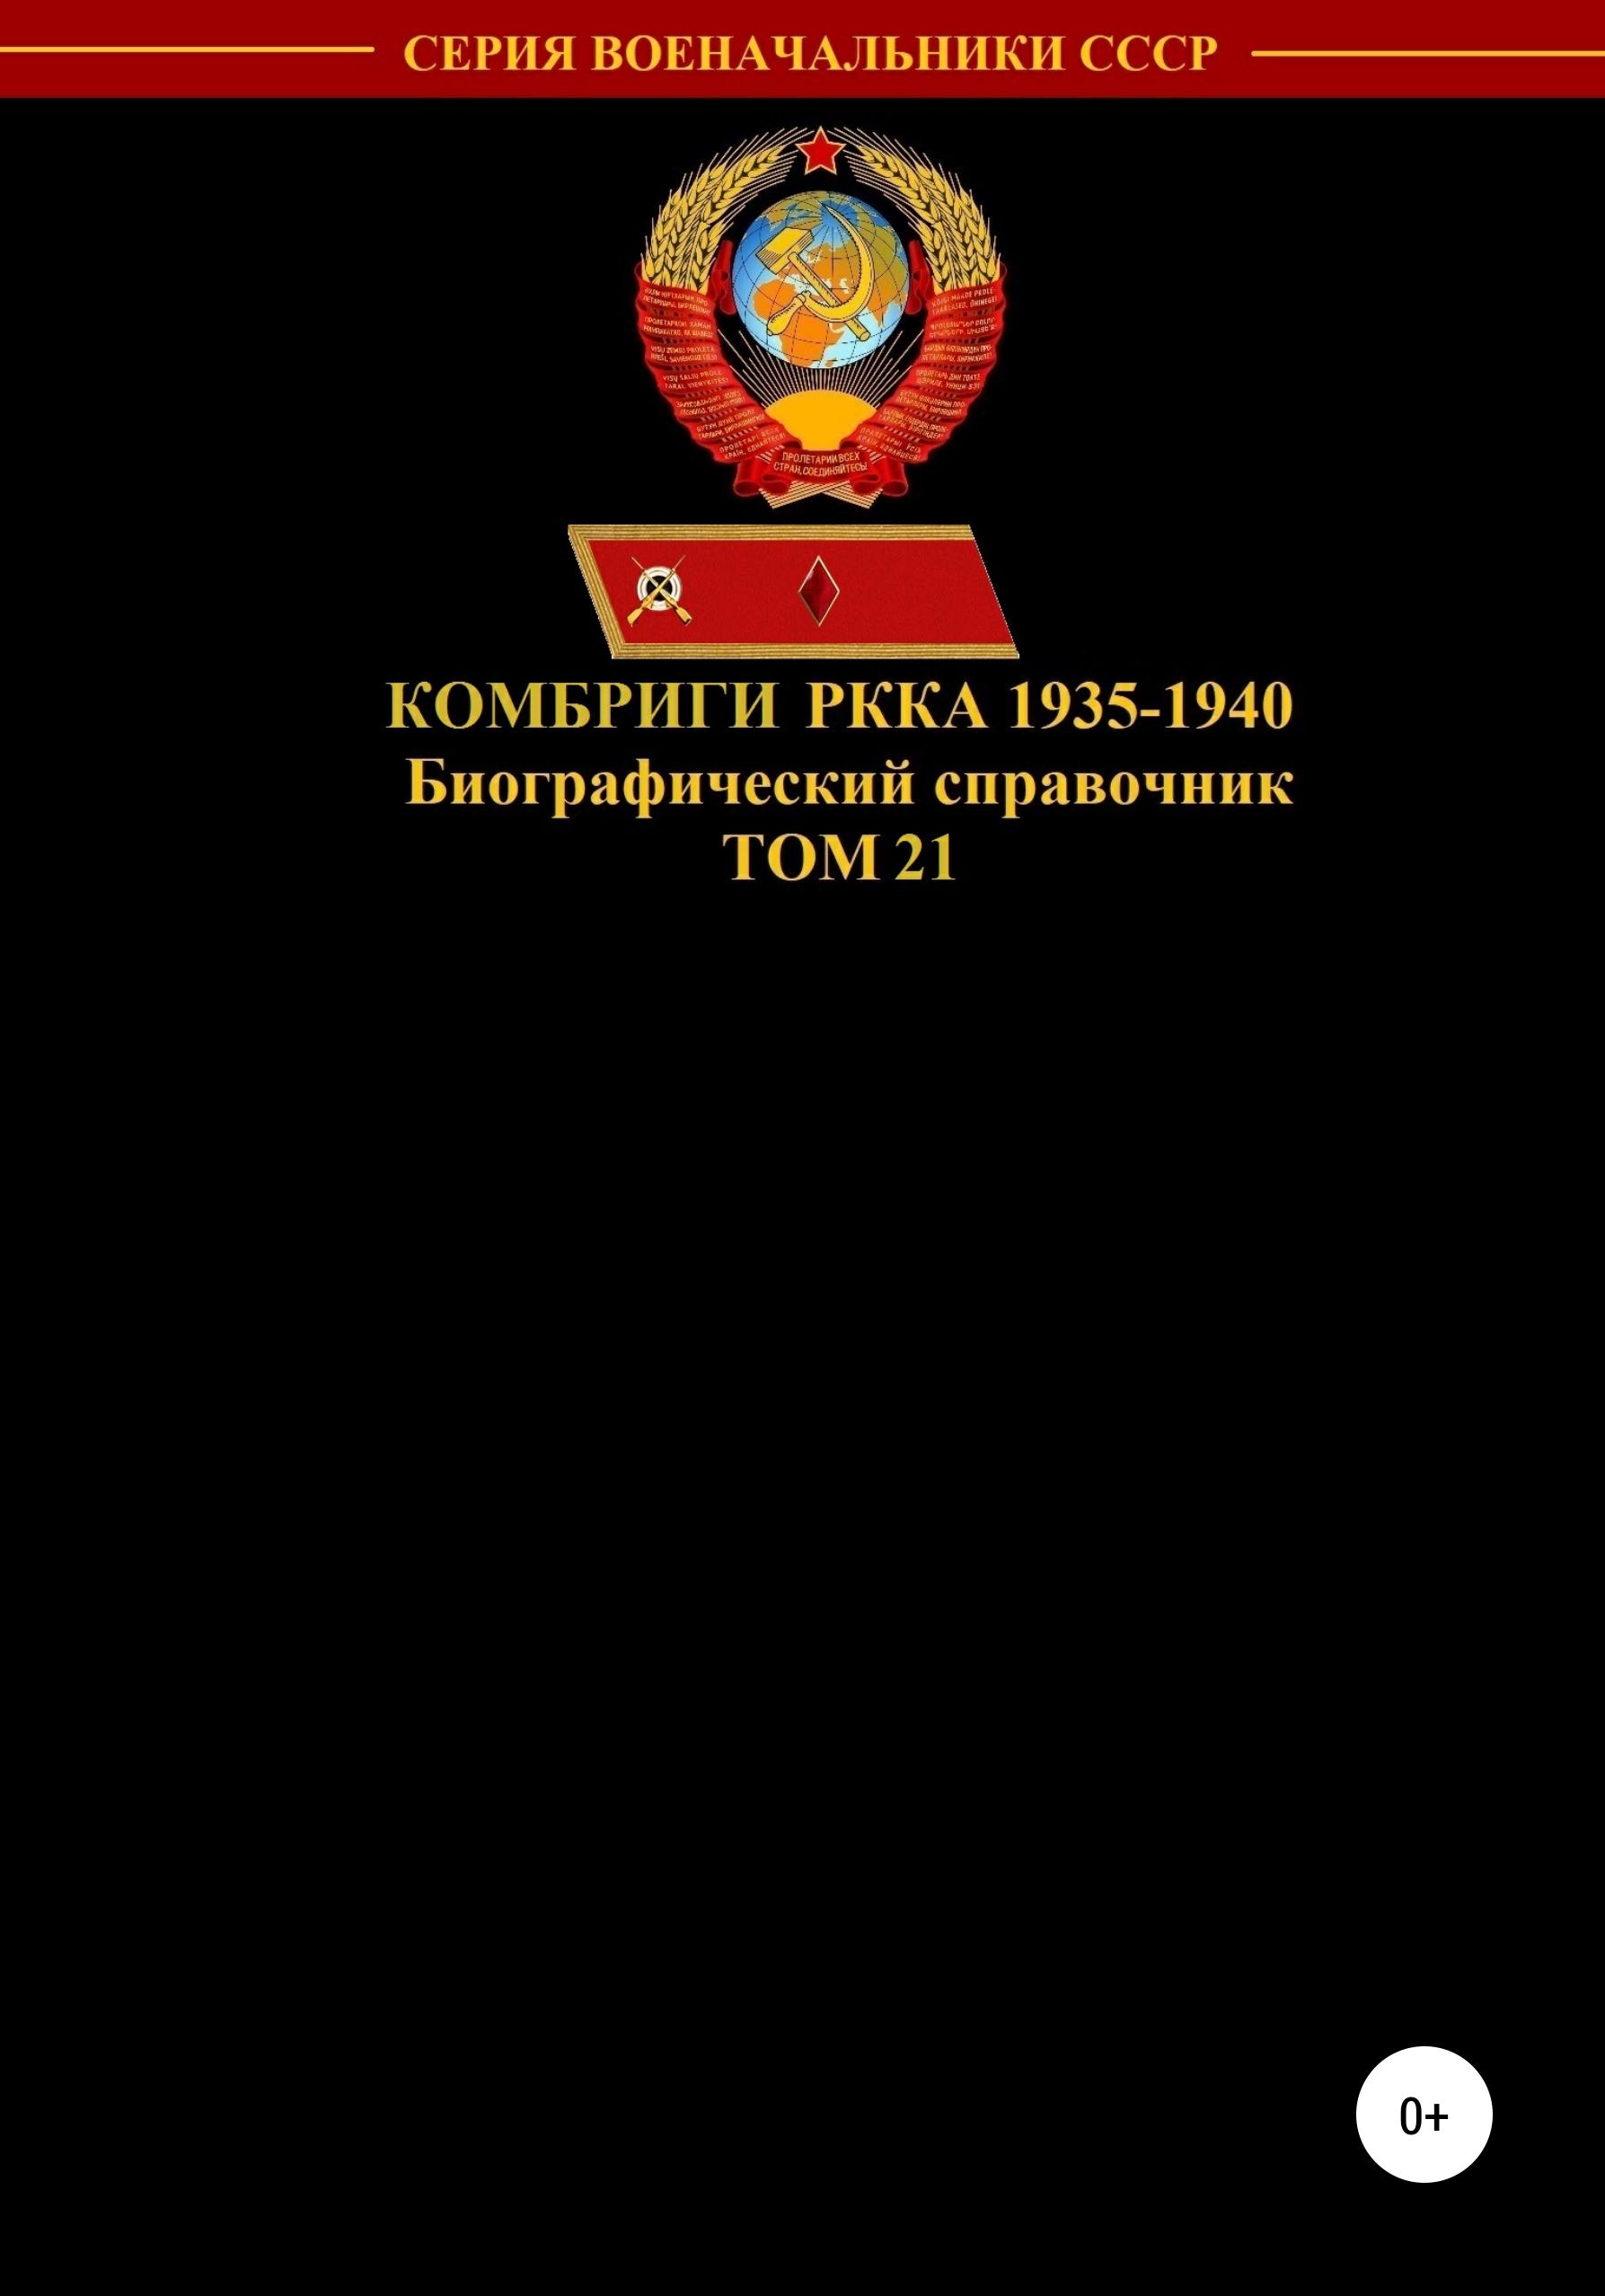 Купить книгу Комбриги РККА 1935-1940. Том 21, автора Дениса Юрьевича Соловьева